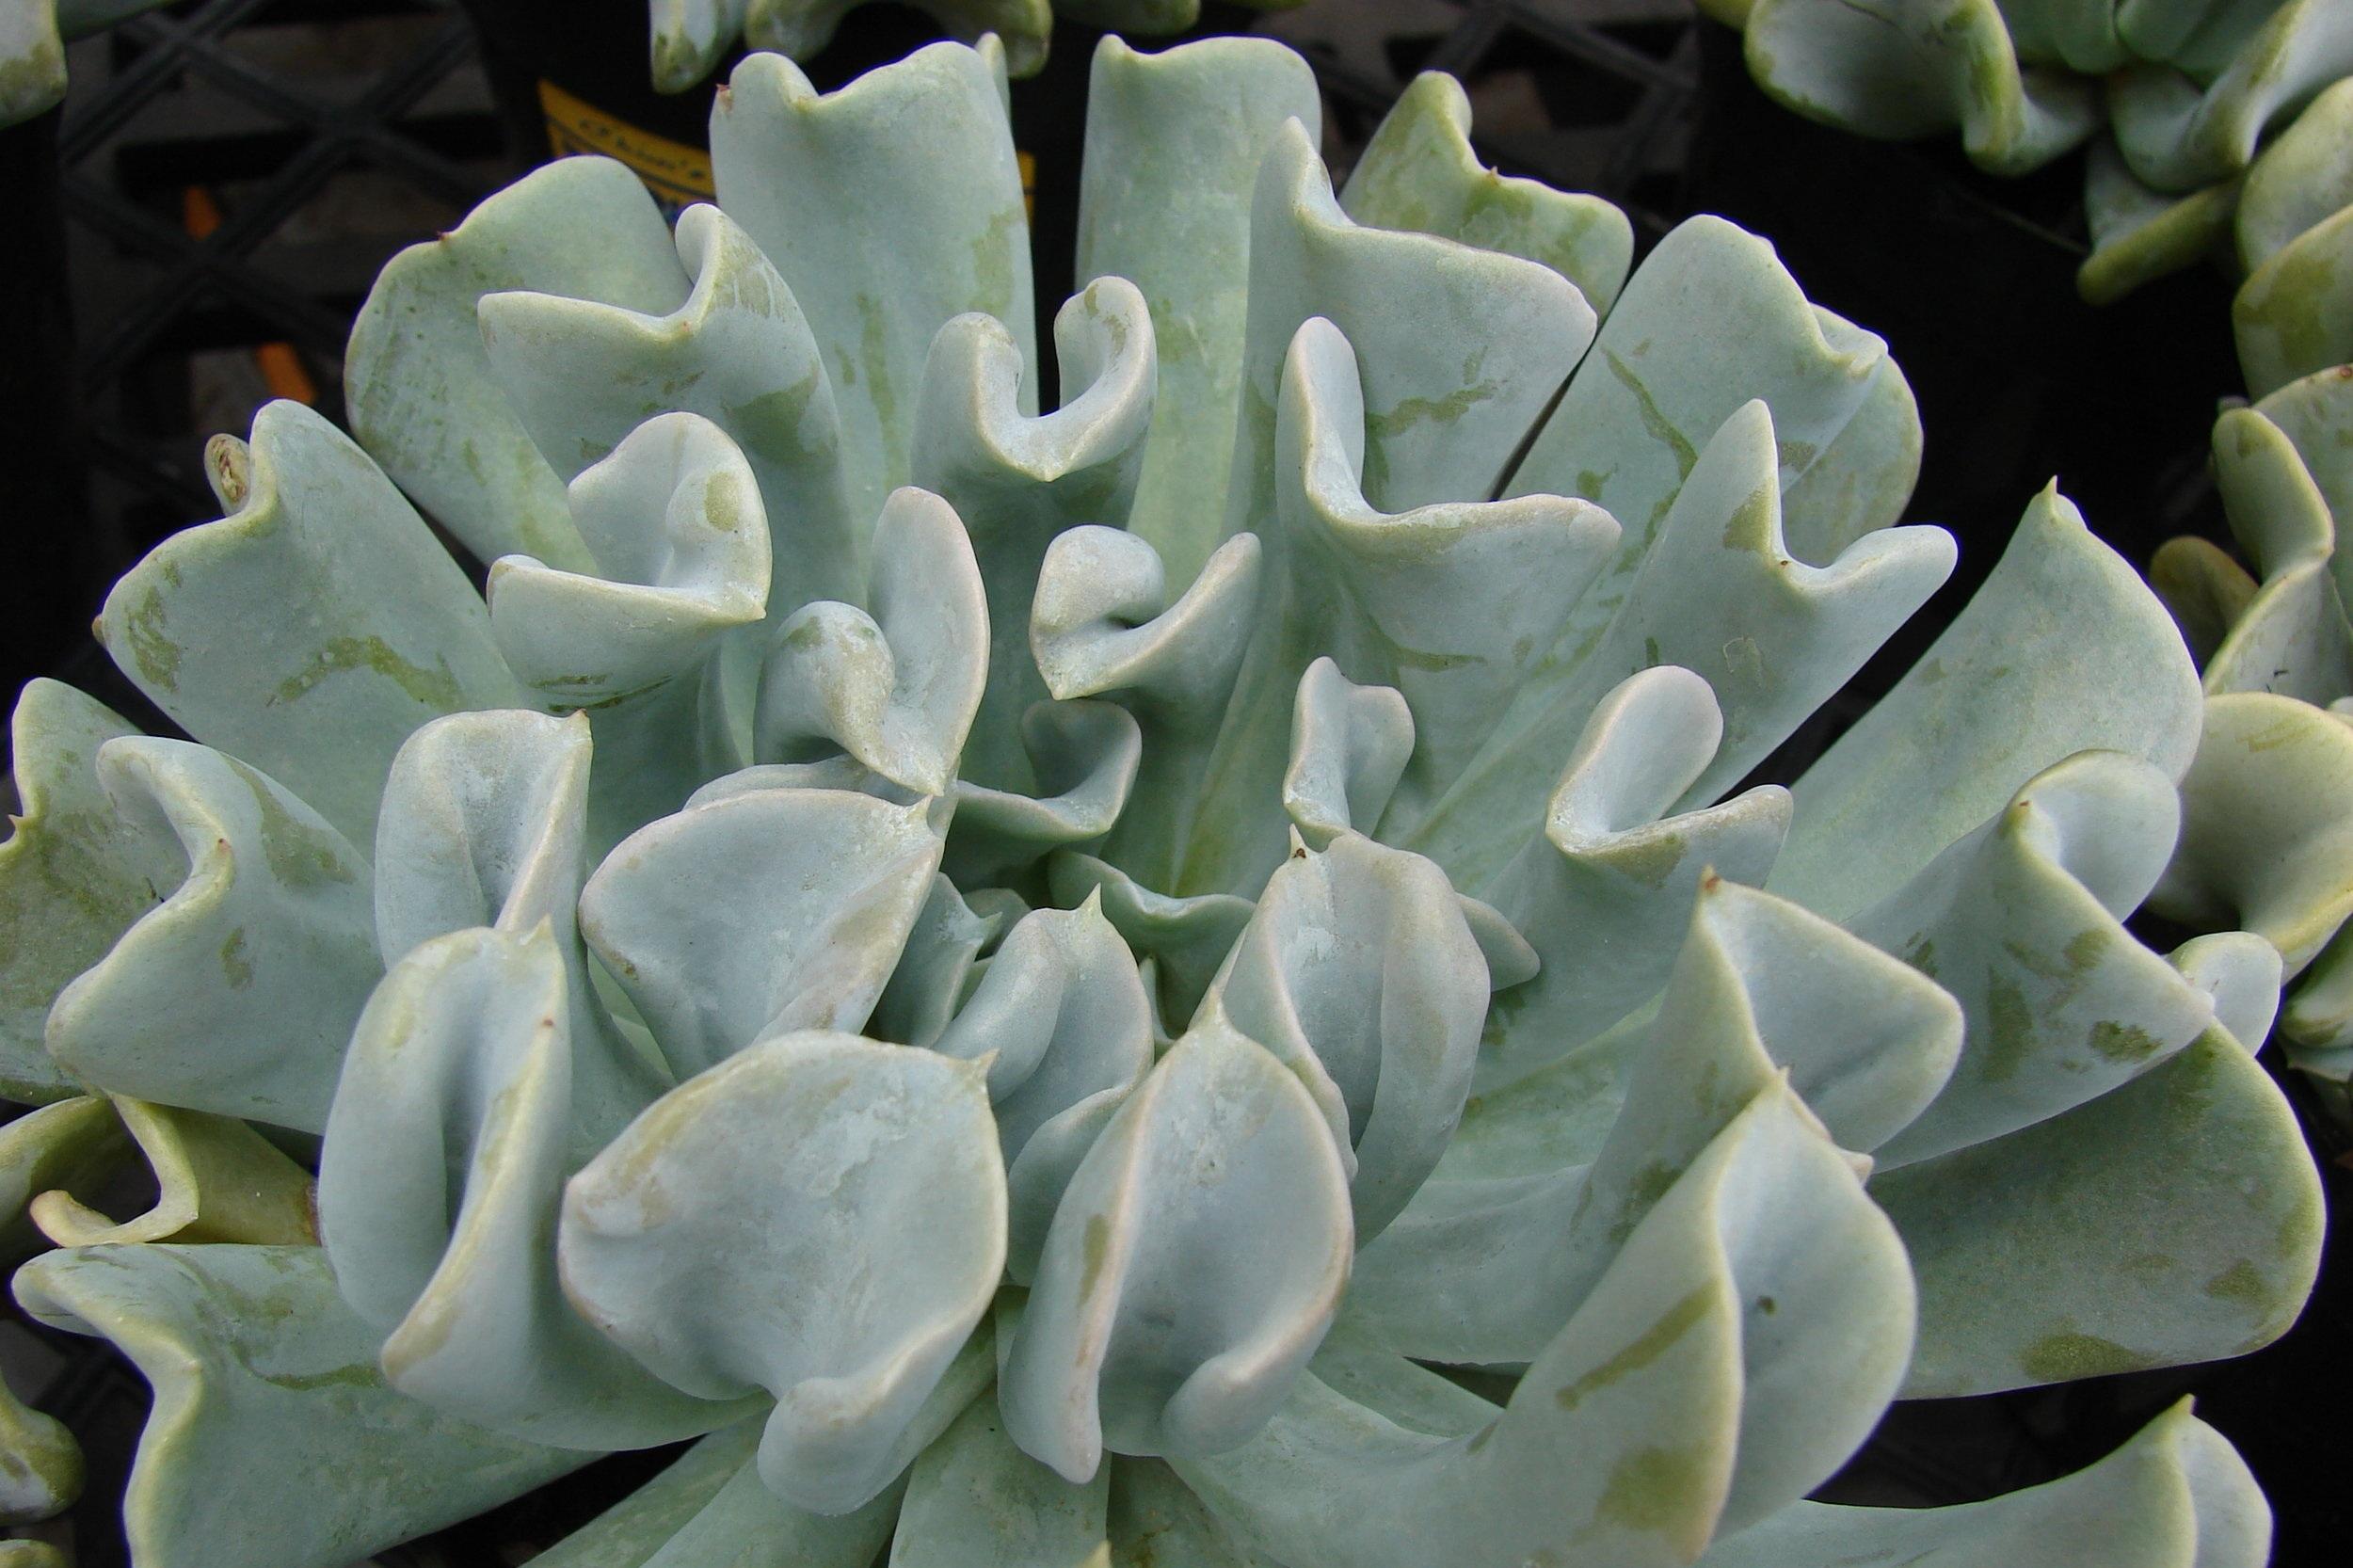 Echevaria 'Topsy Turvy'